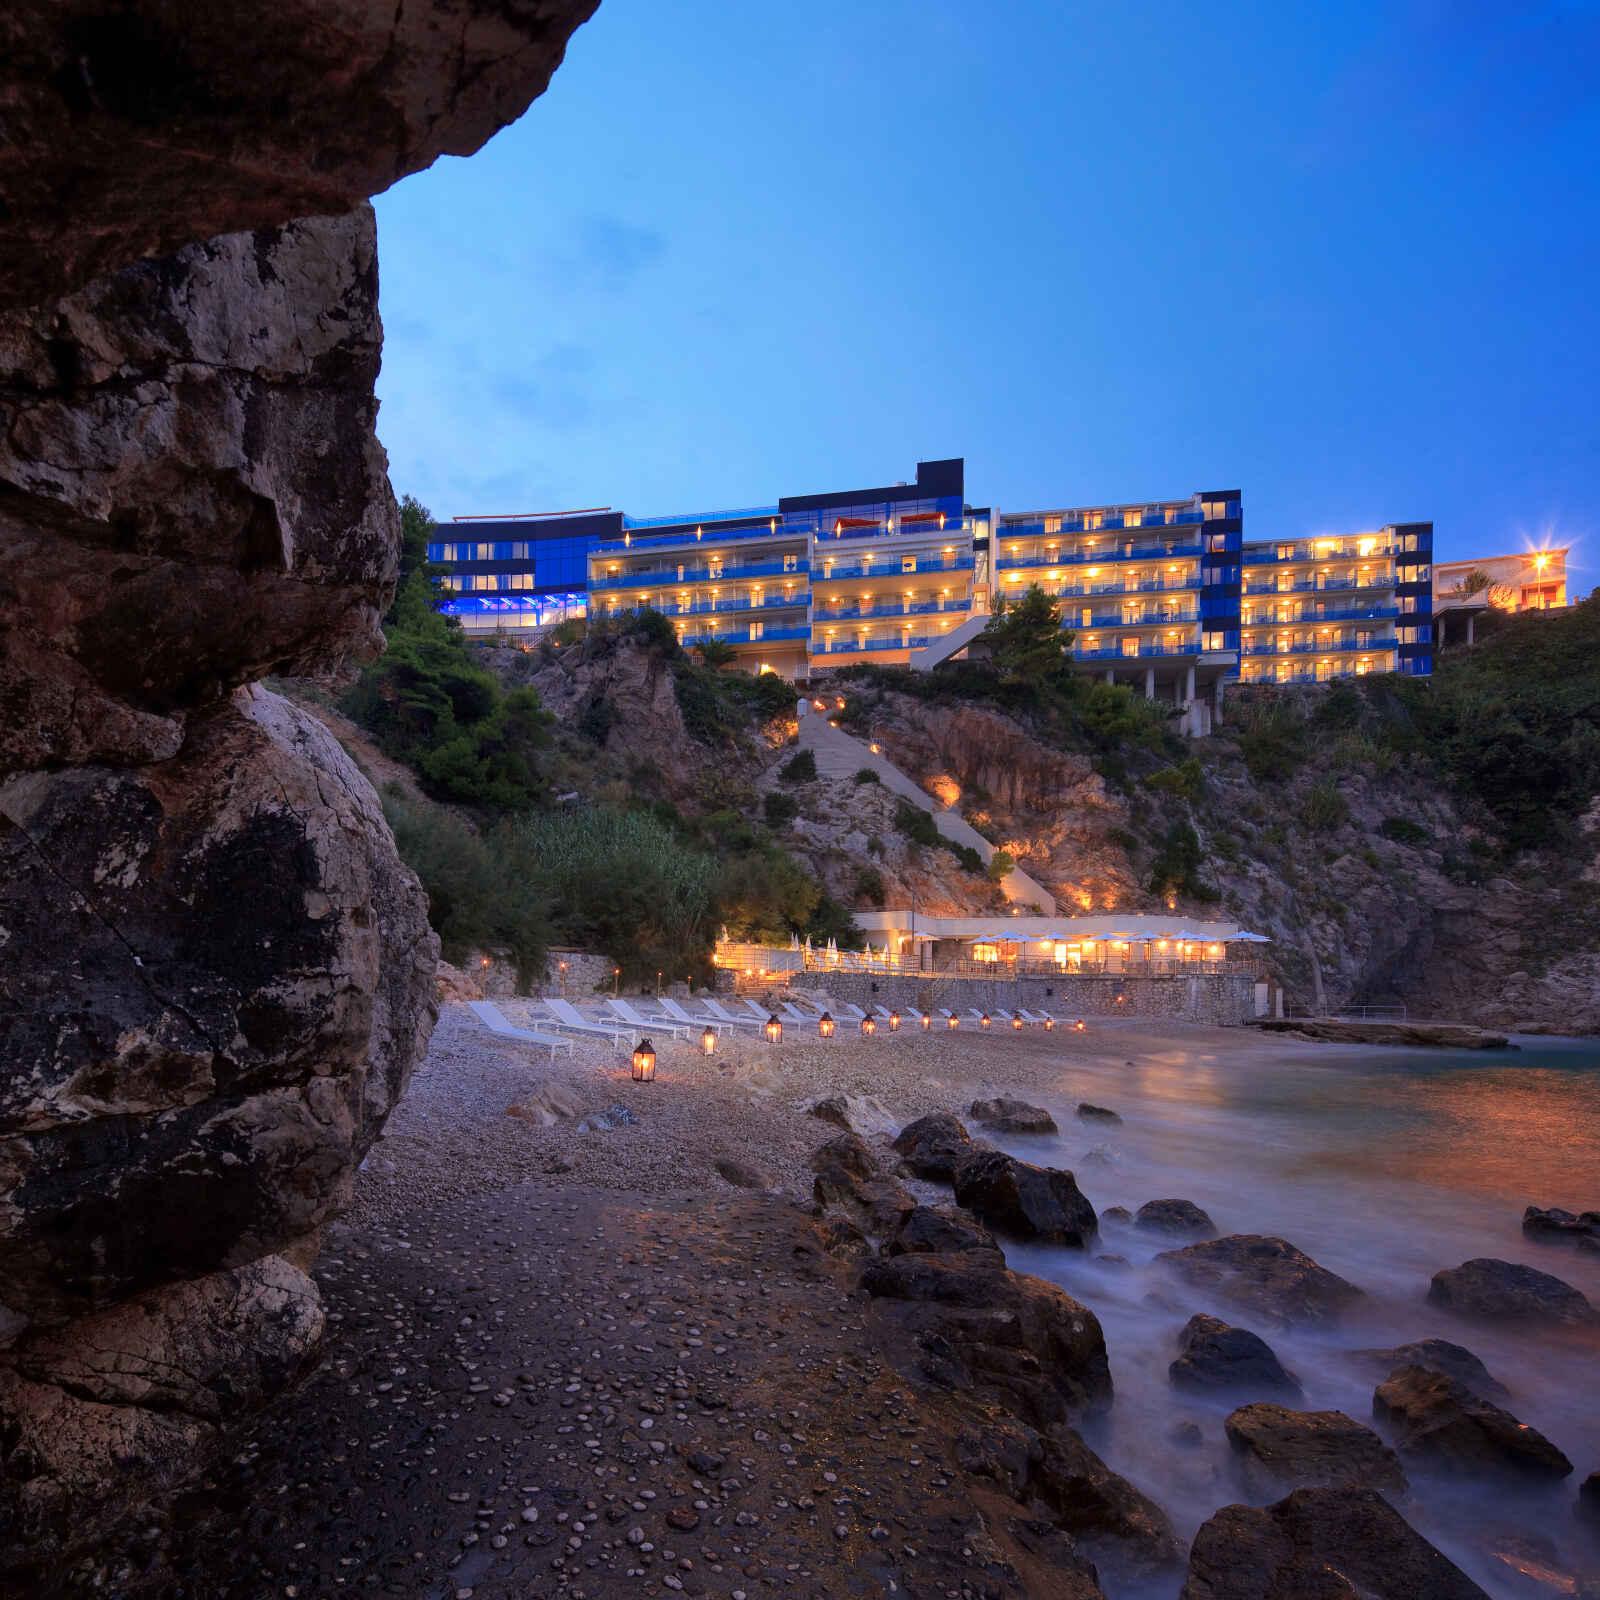 Croatie : Hotel Bellevue Dubrovnik